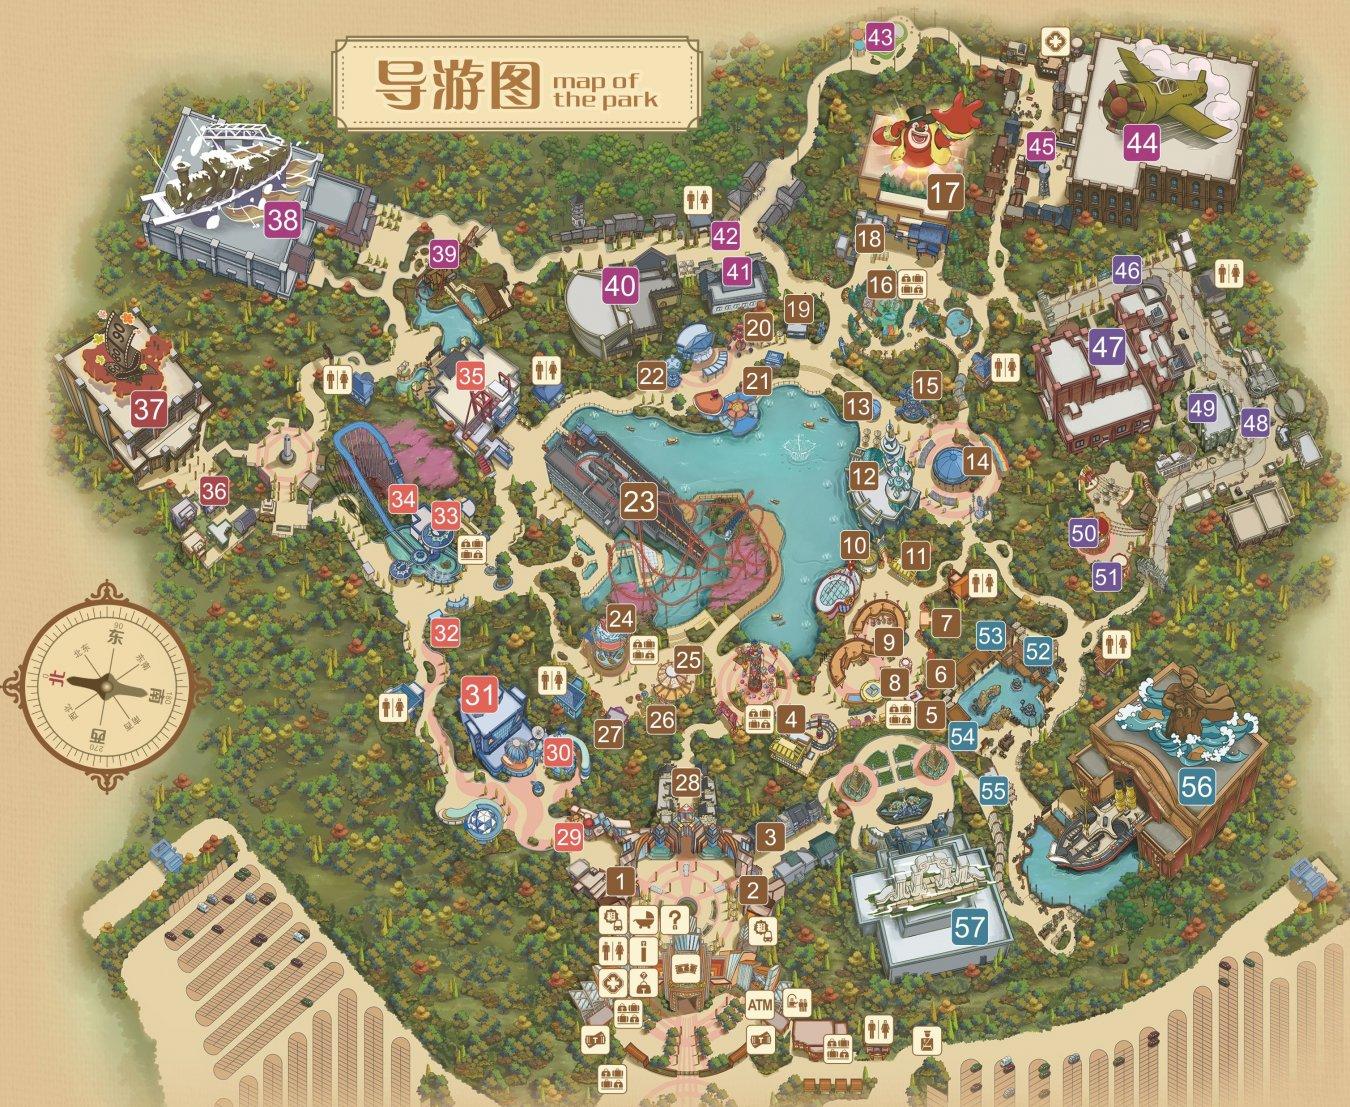 map_main - Kopie.jpg